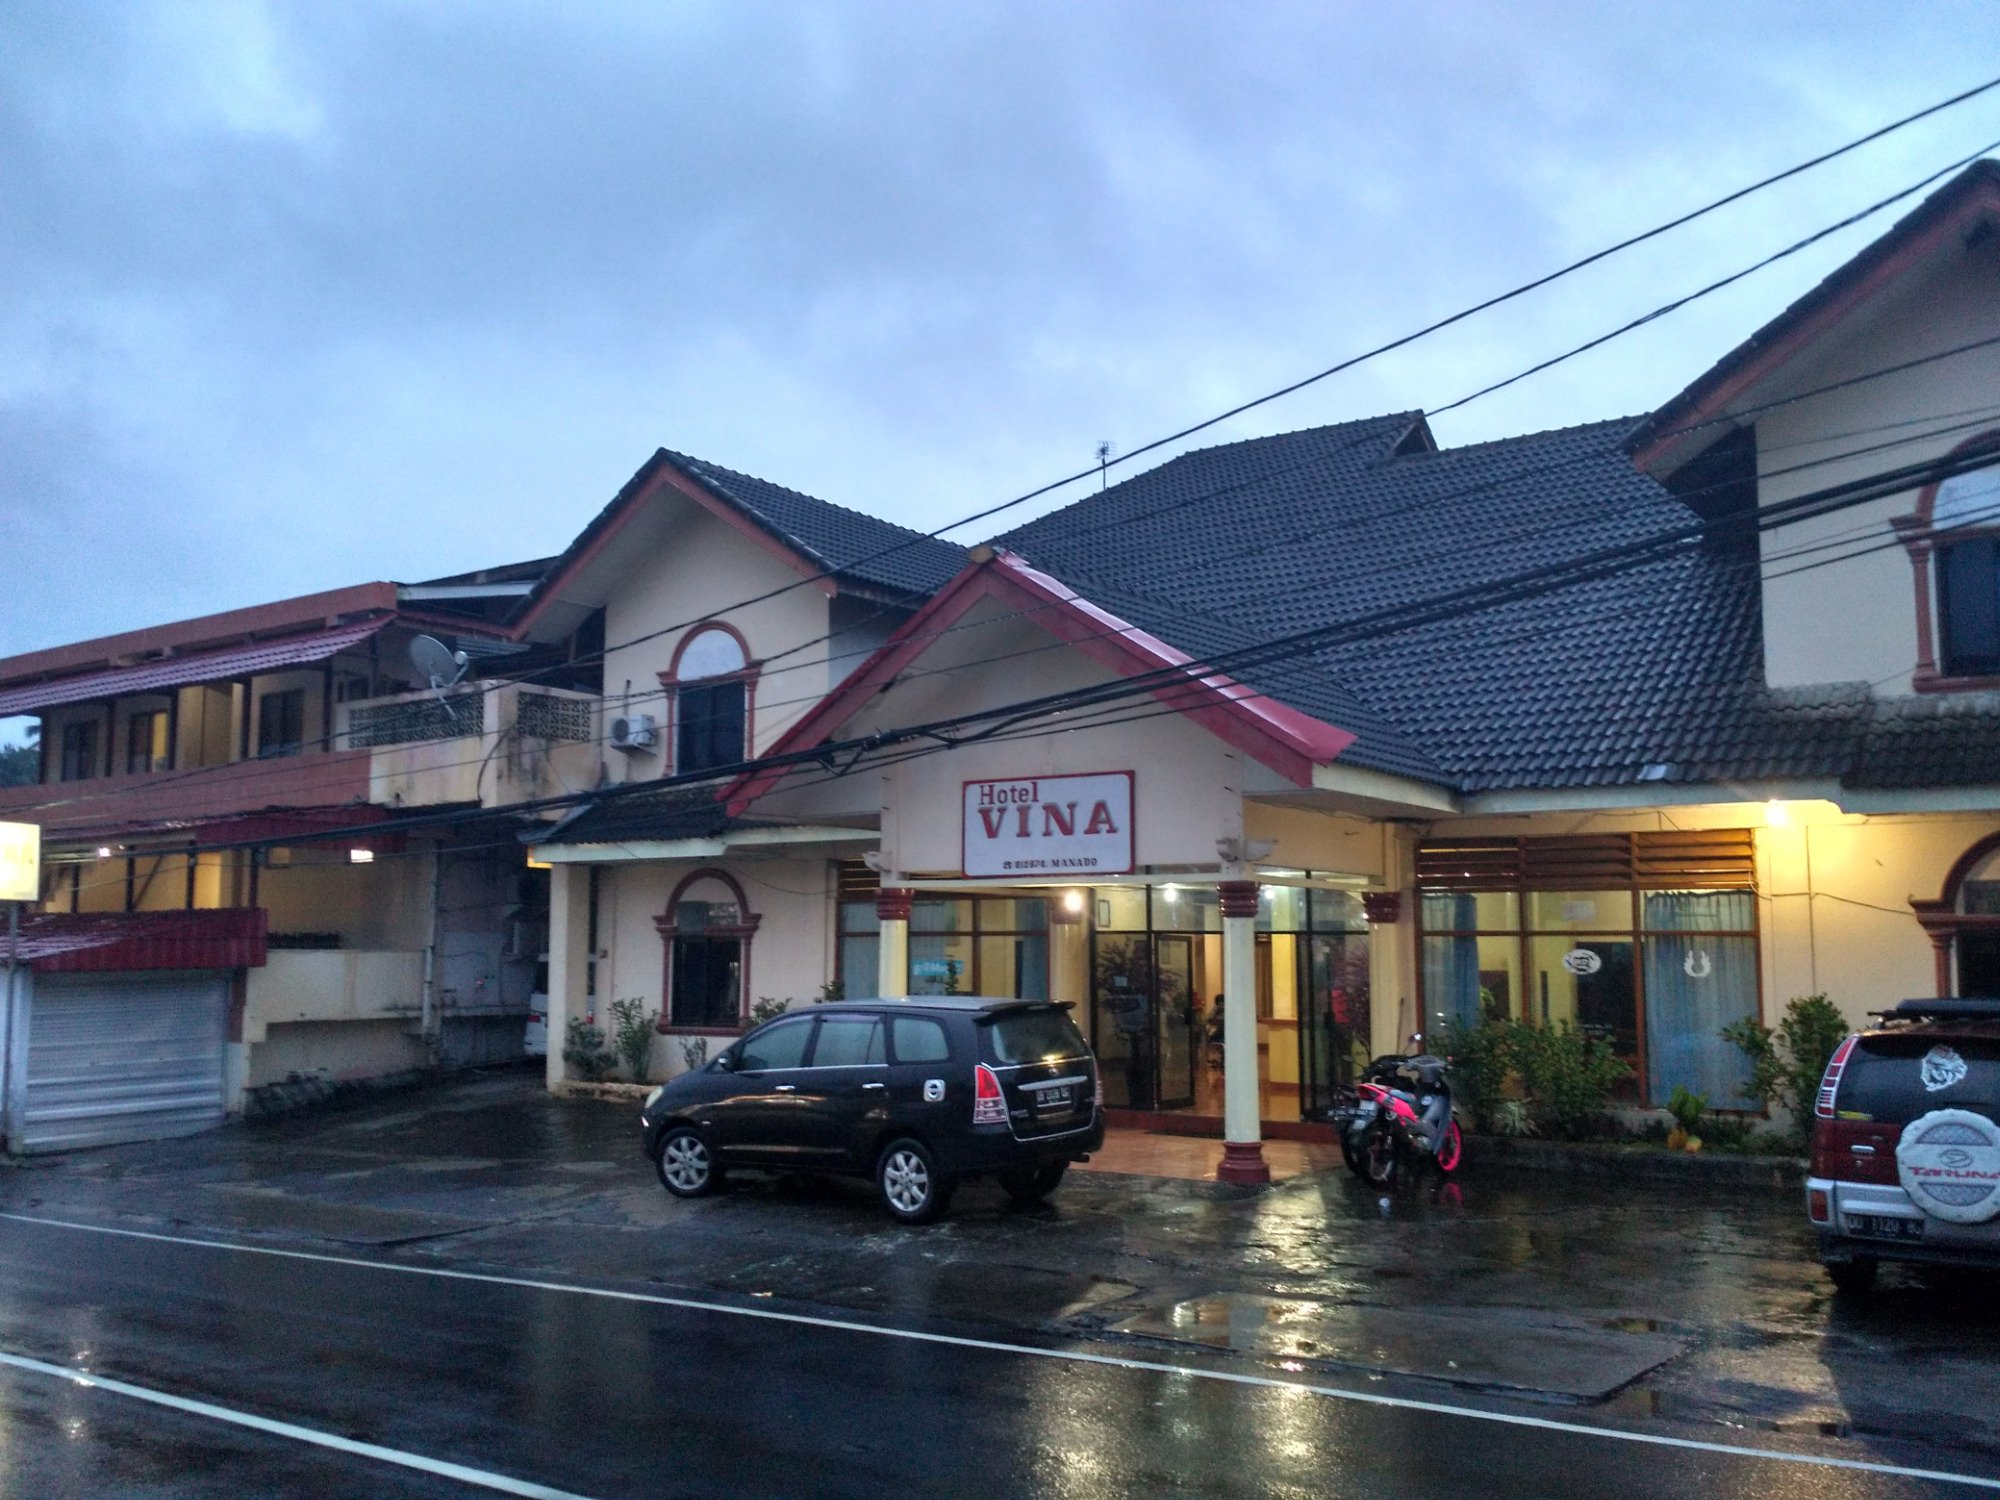 Vina Hotel